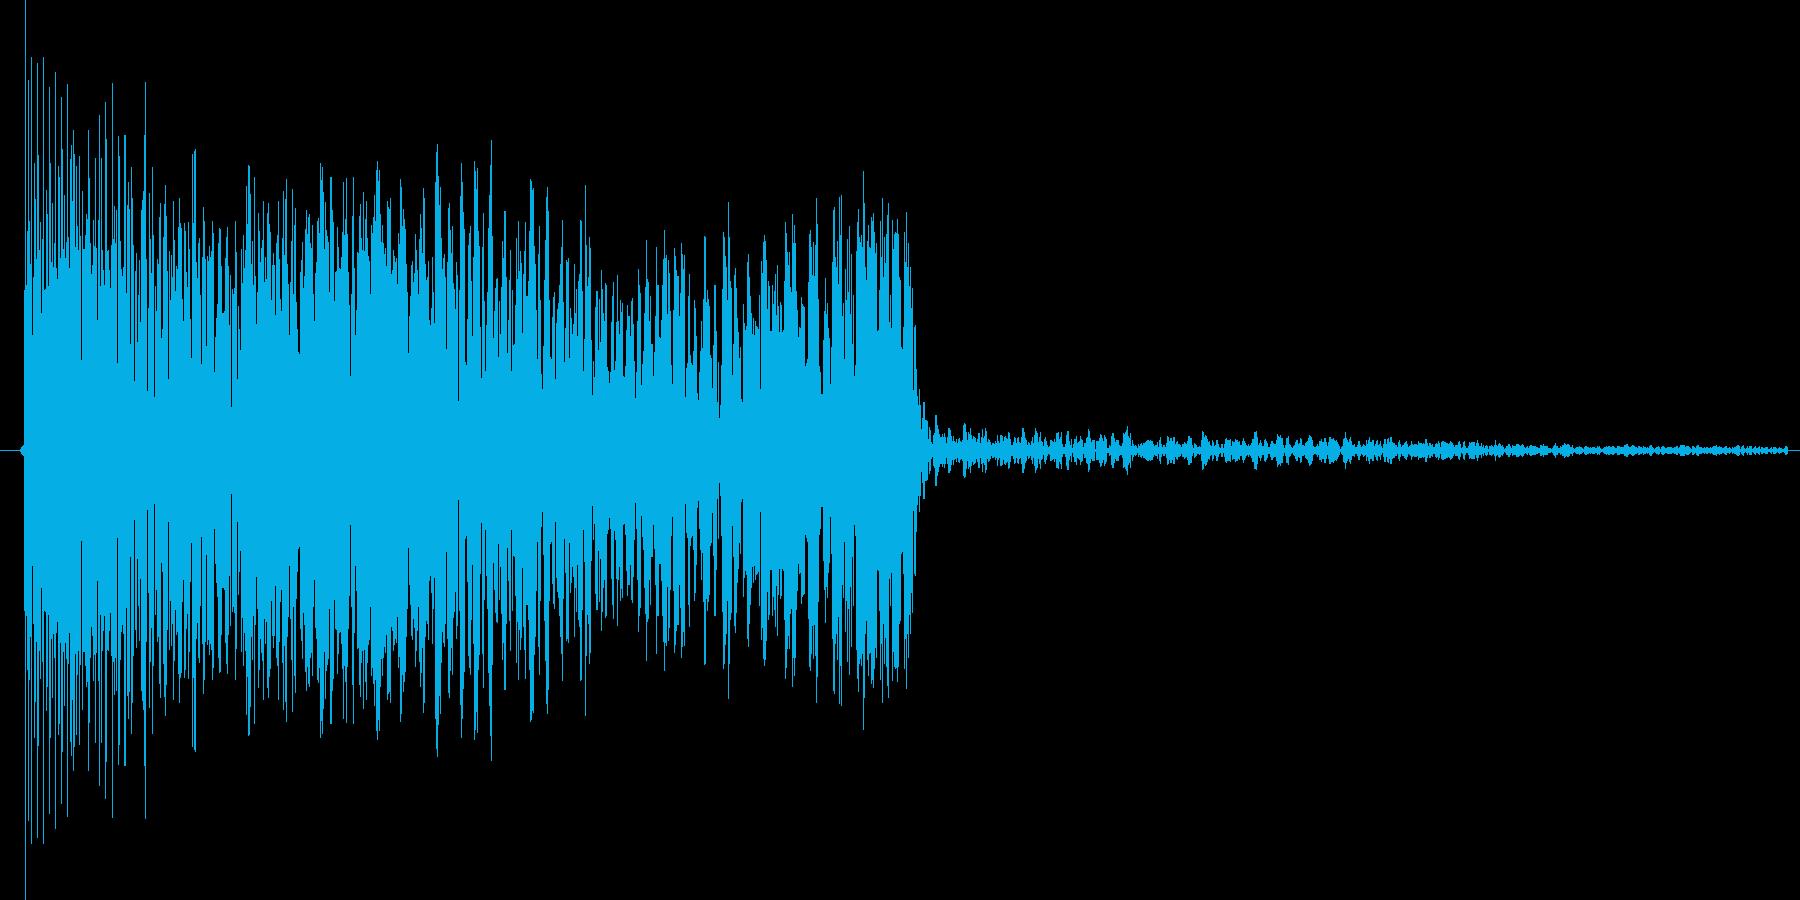 ゲームオーバーのときのような残念な音の再生済みの波形